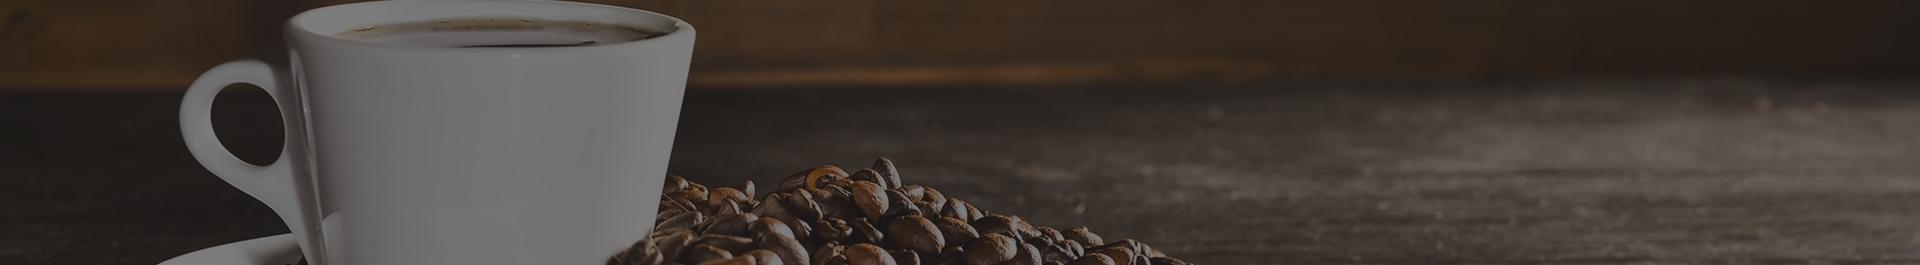 Μηχανές Espresso- Καφετέριες Φίλτρου έως 60% έκπτωση